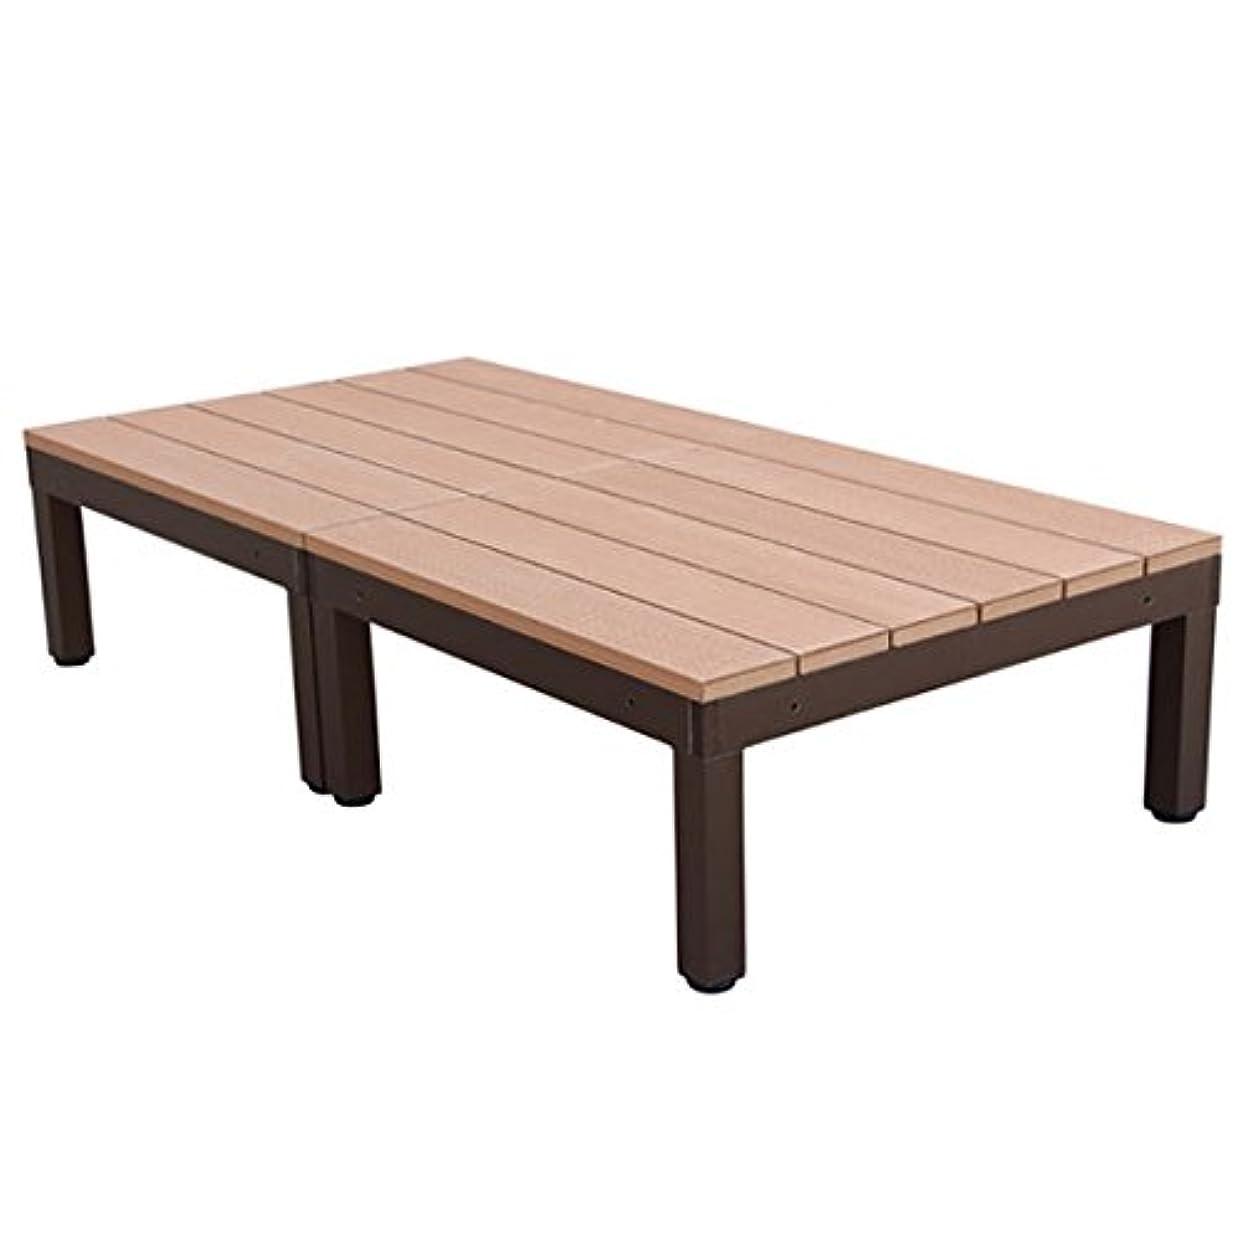 単独でに負ける取り扱いigarden アイガーデン アイウッドデッキPLUS 2点セットナチュラル アイガーデンオリジナル人工木ウッドデッキ、樹脂木、木樹脂、プラウッド、ウッドデッキセット、木製デッキ、縁台